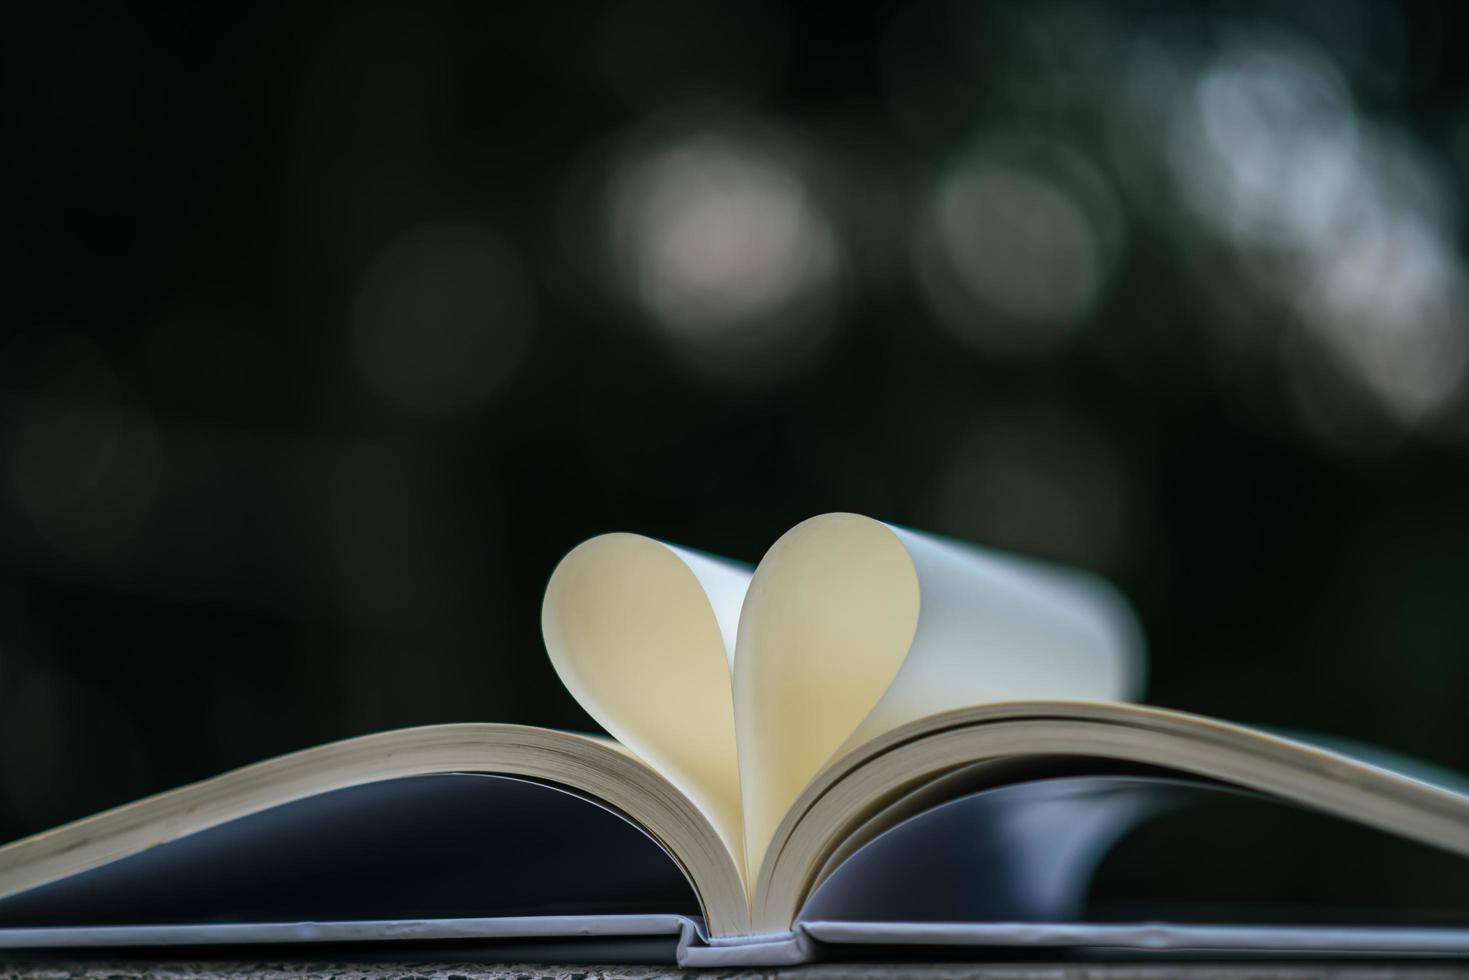 offenes Buch mit Herzform foto